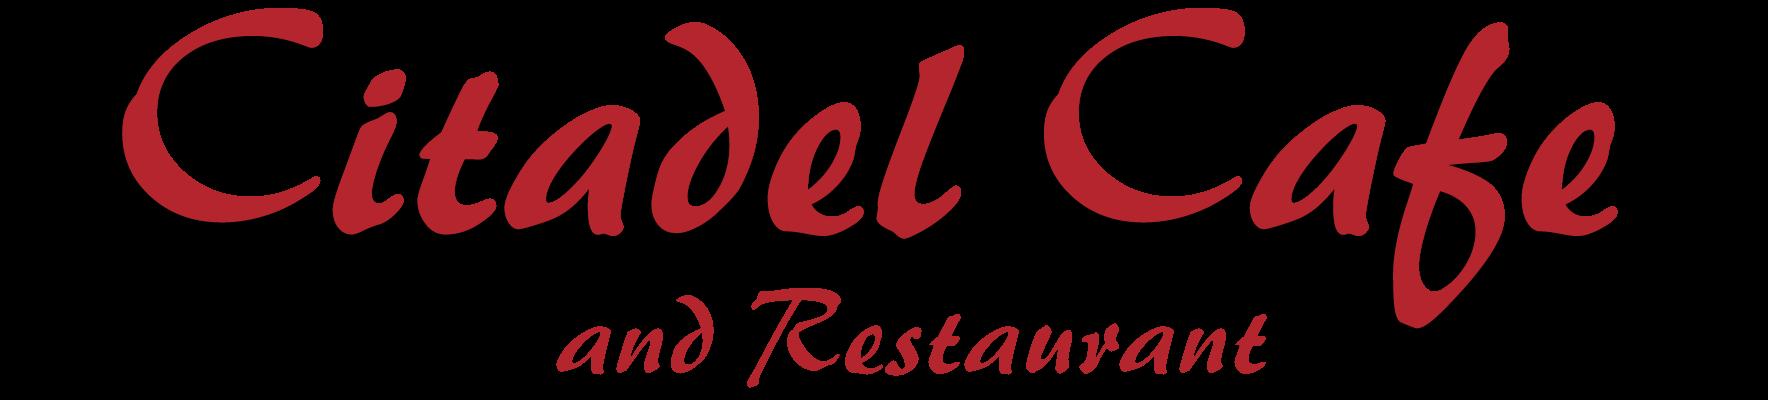 Citadel Cafe